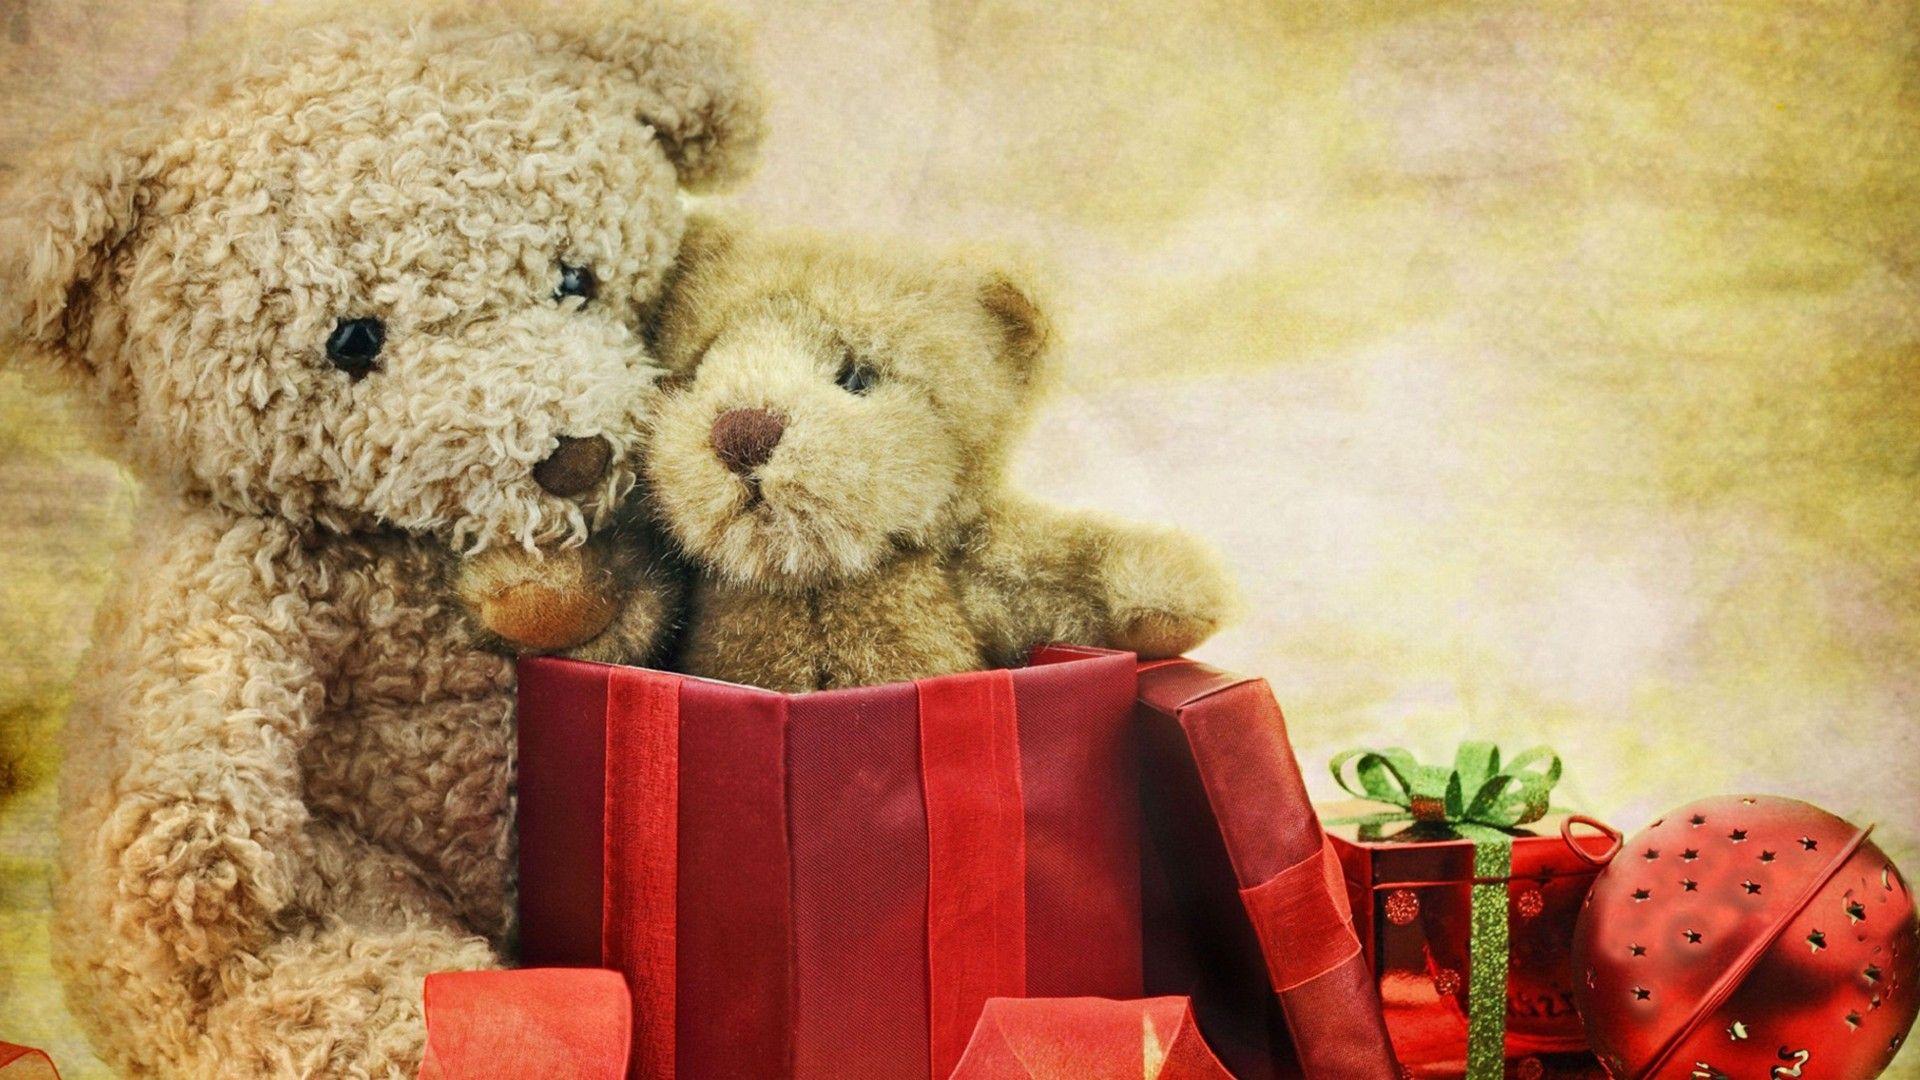 Cute Teddy Bear Wallpaper Hd 2021 Live Wallpaper Hd Teddy Bear Wallpaper Teddy Day Wallpapers Teddy Bear Day